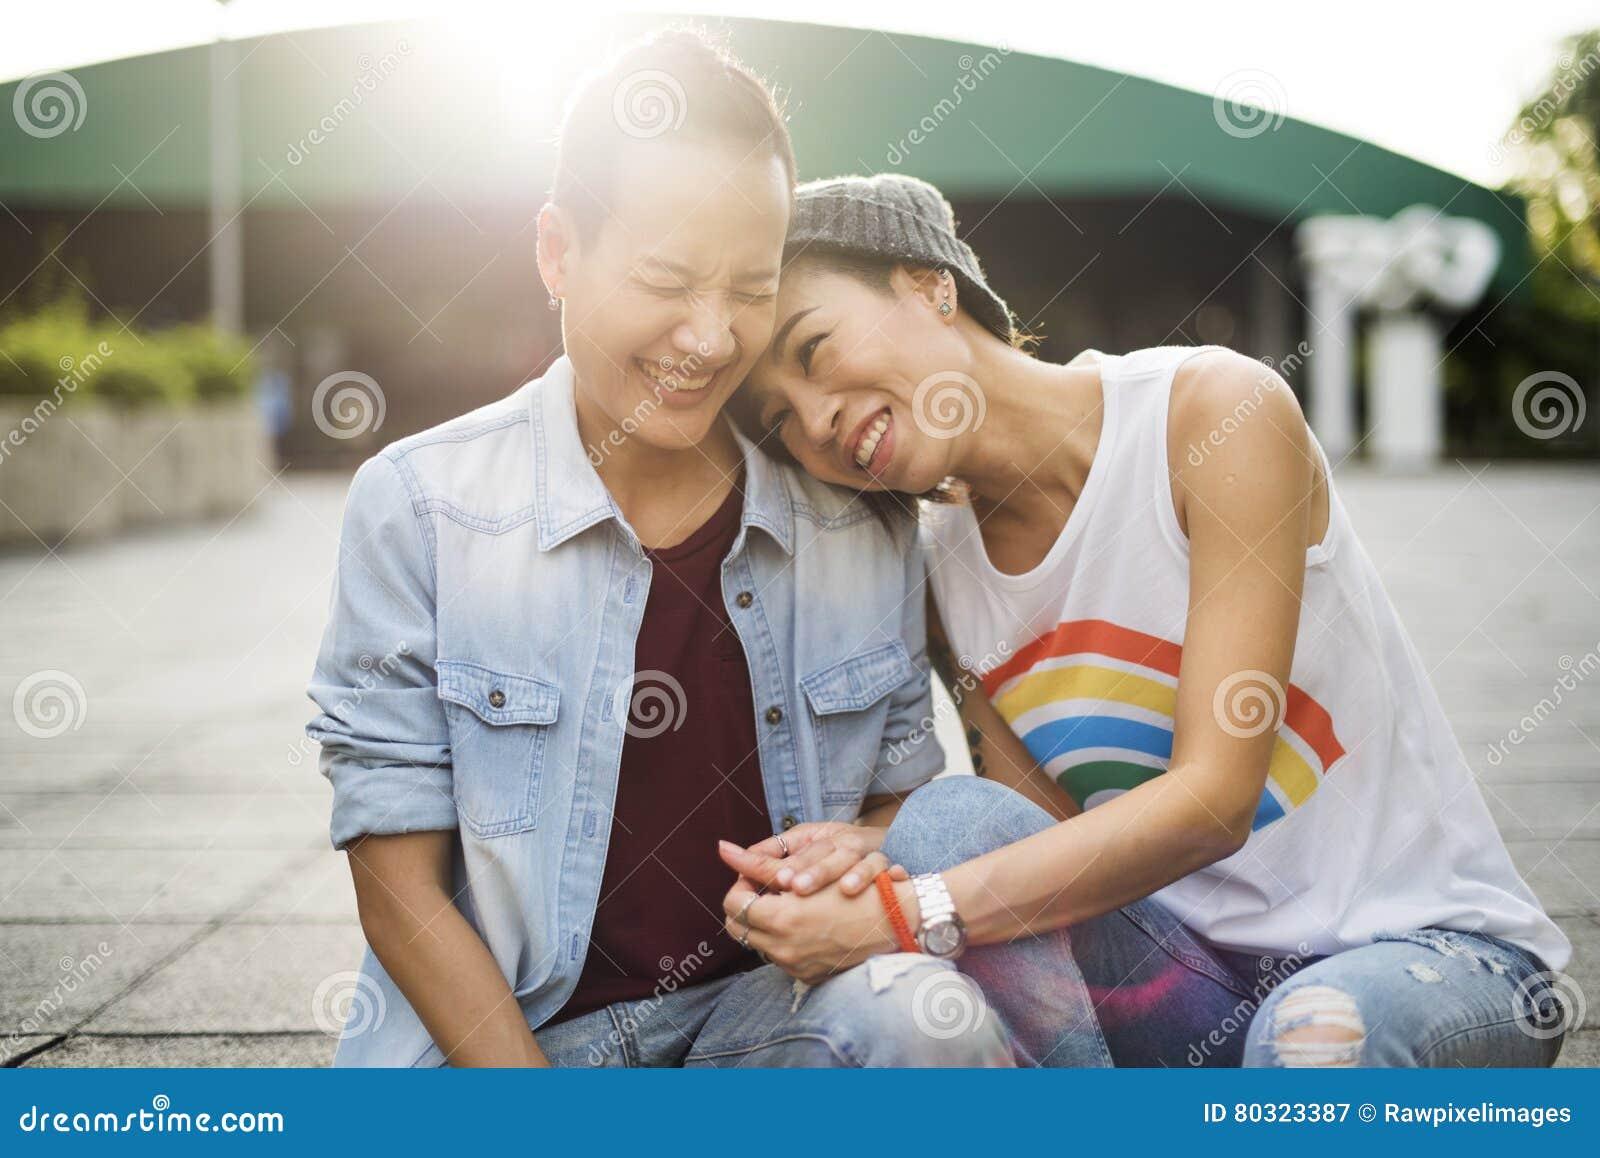 Paar-Moment-Glück-Konzept LGBT lesbisches